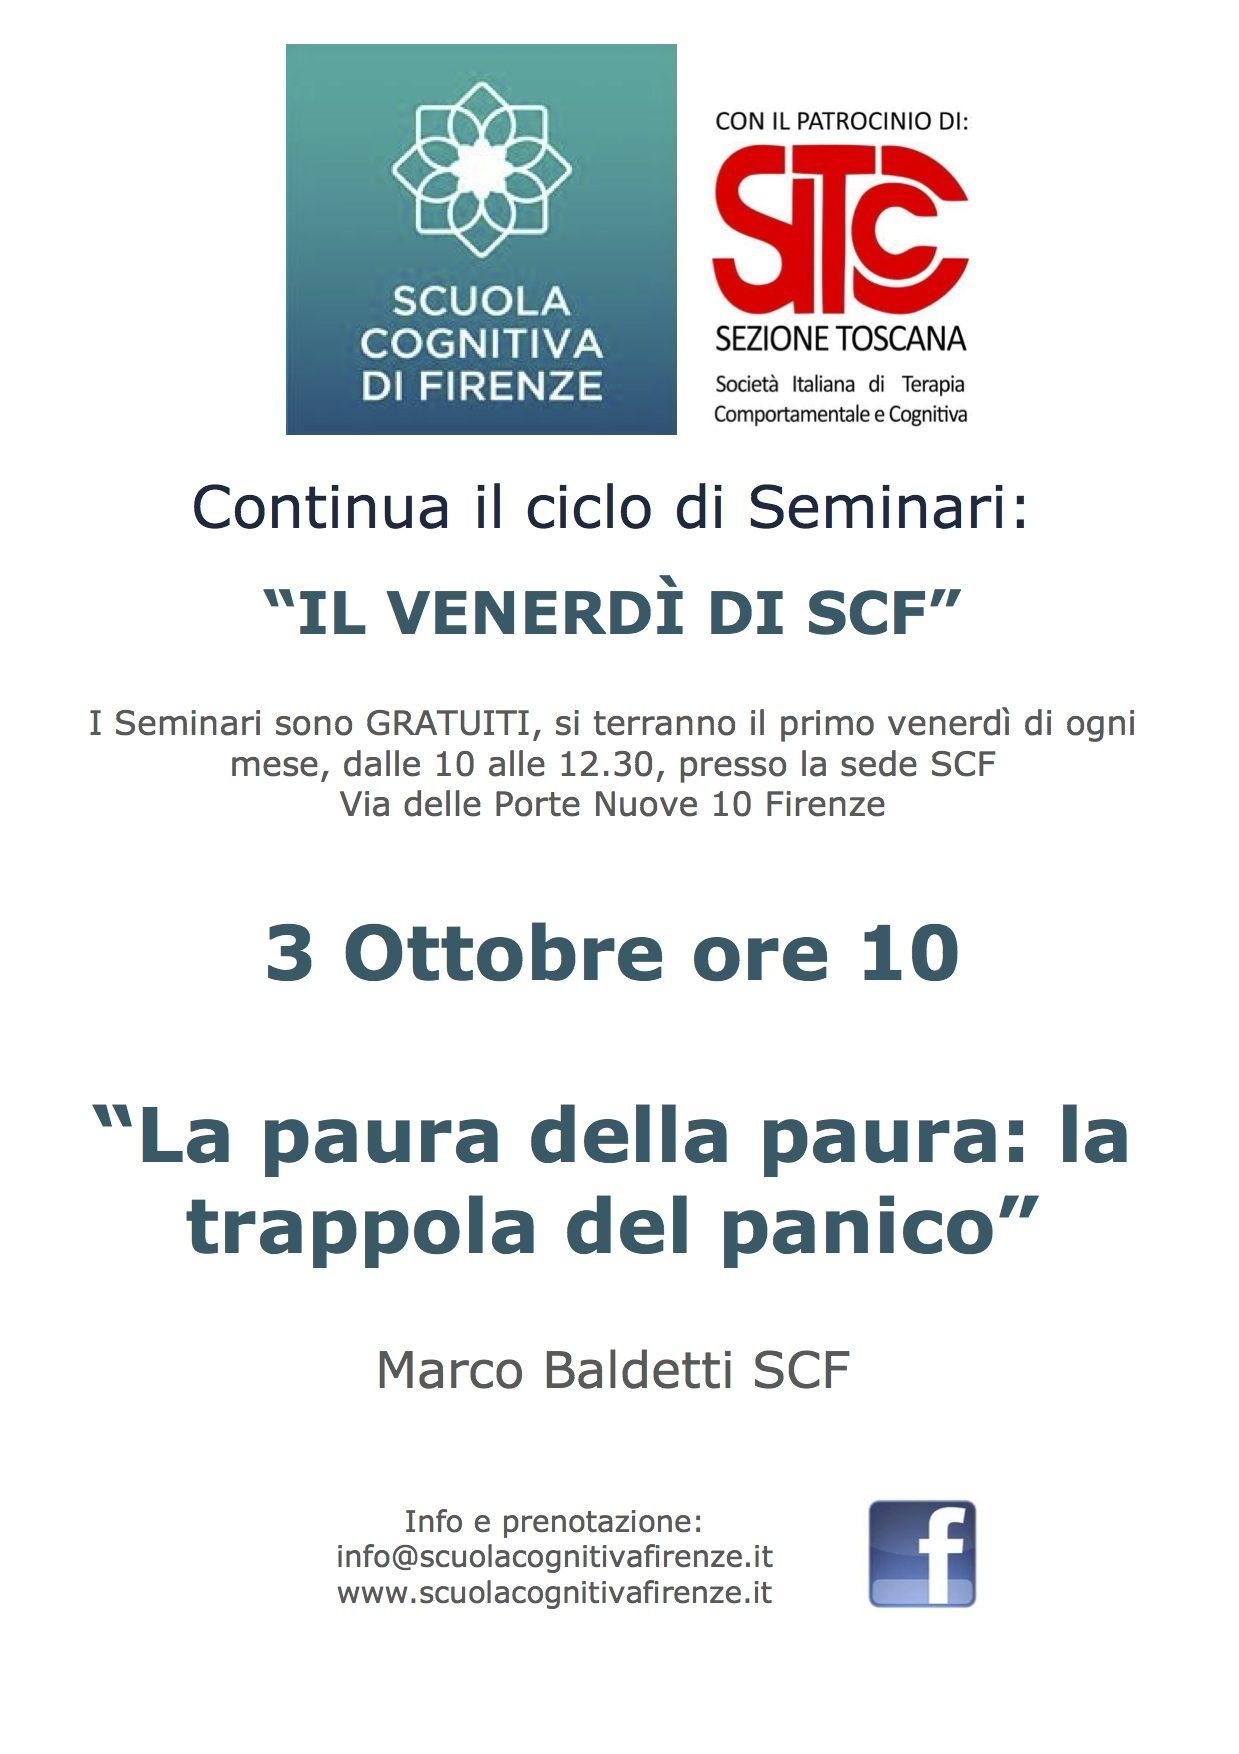 3 Ottobre - Seminario sul panico